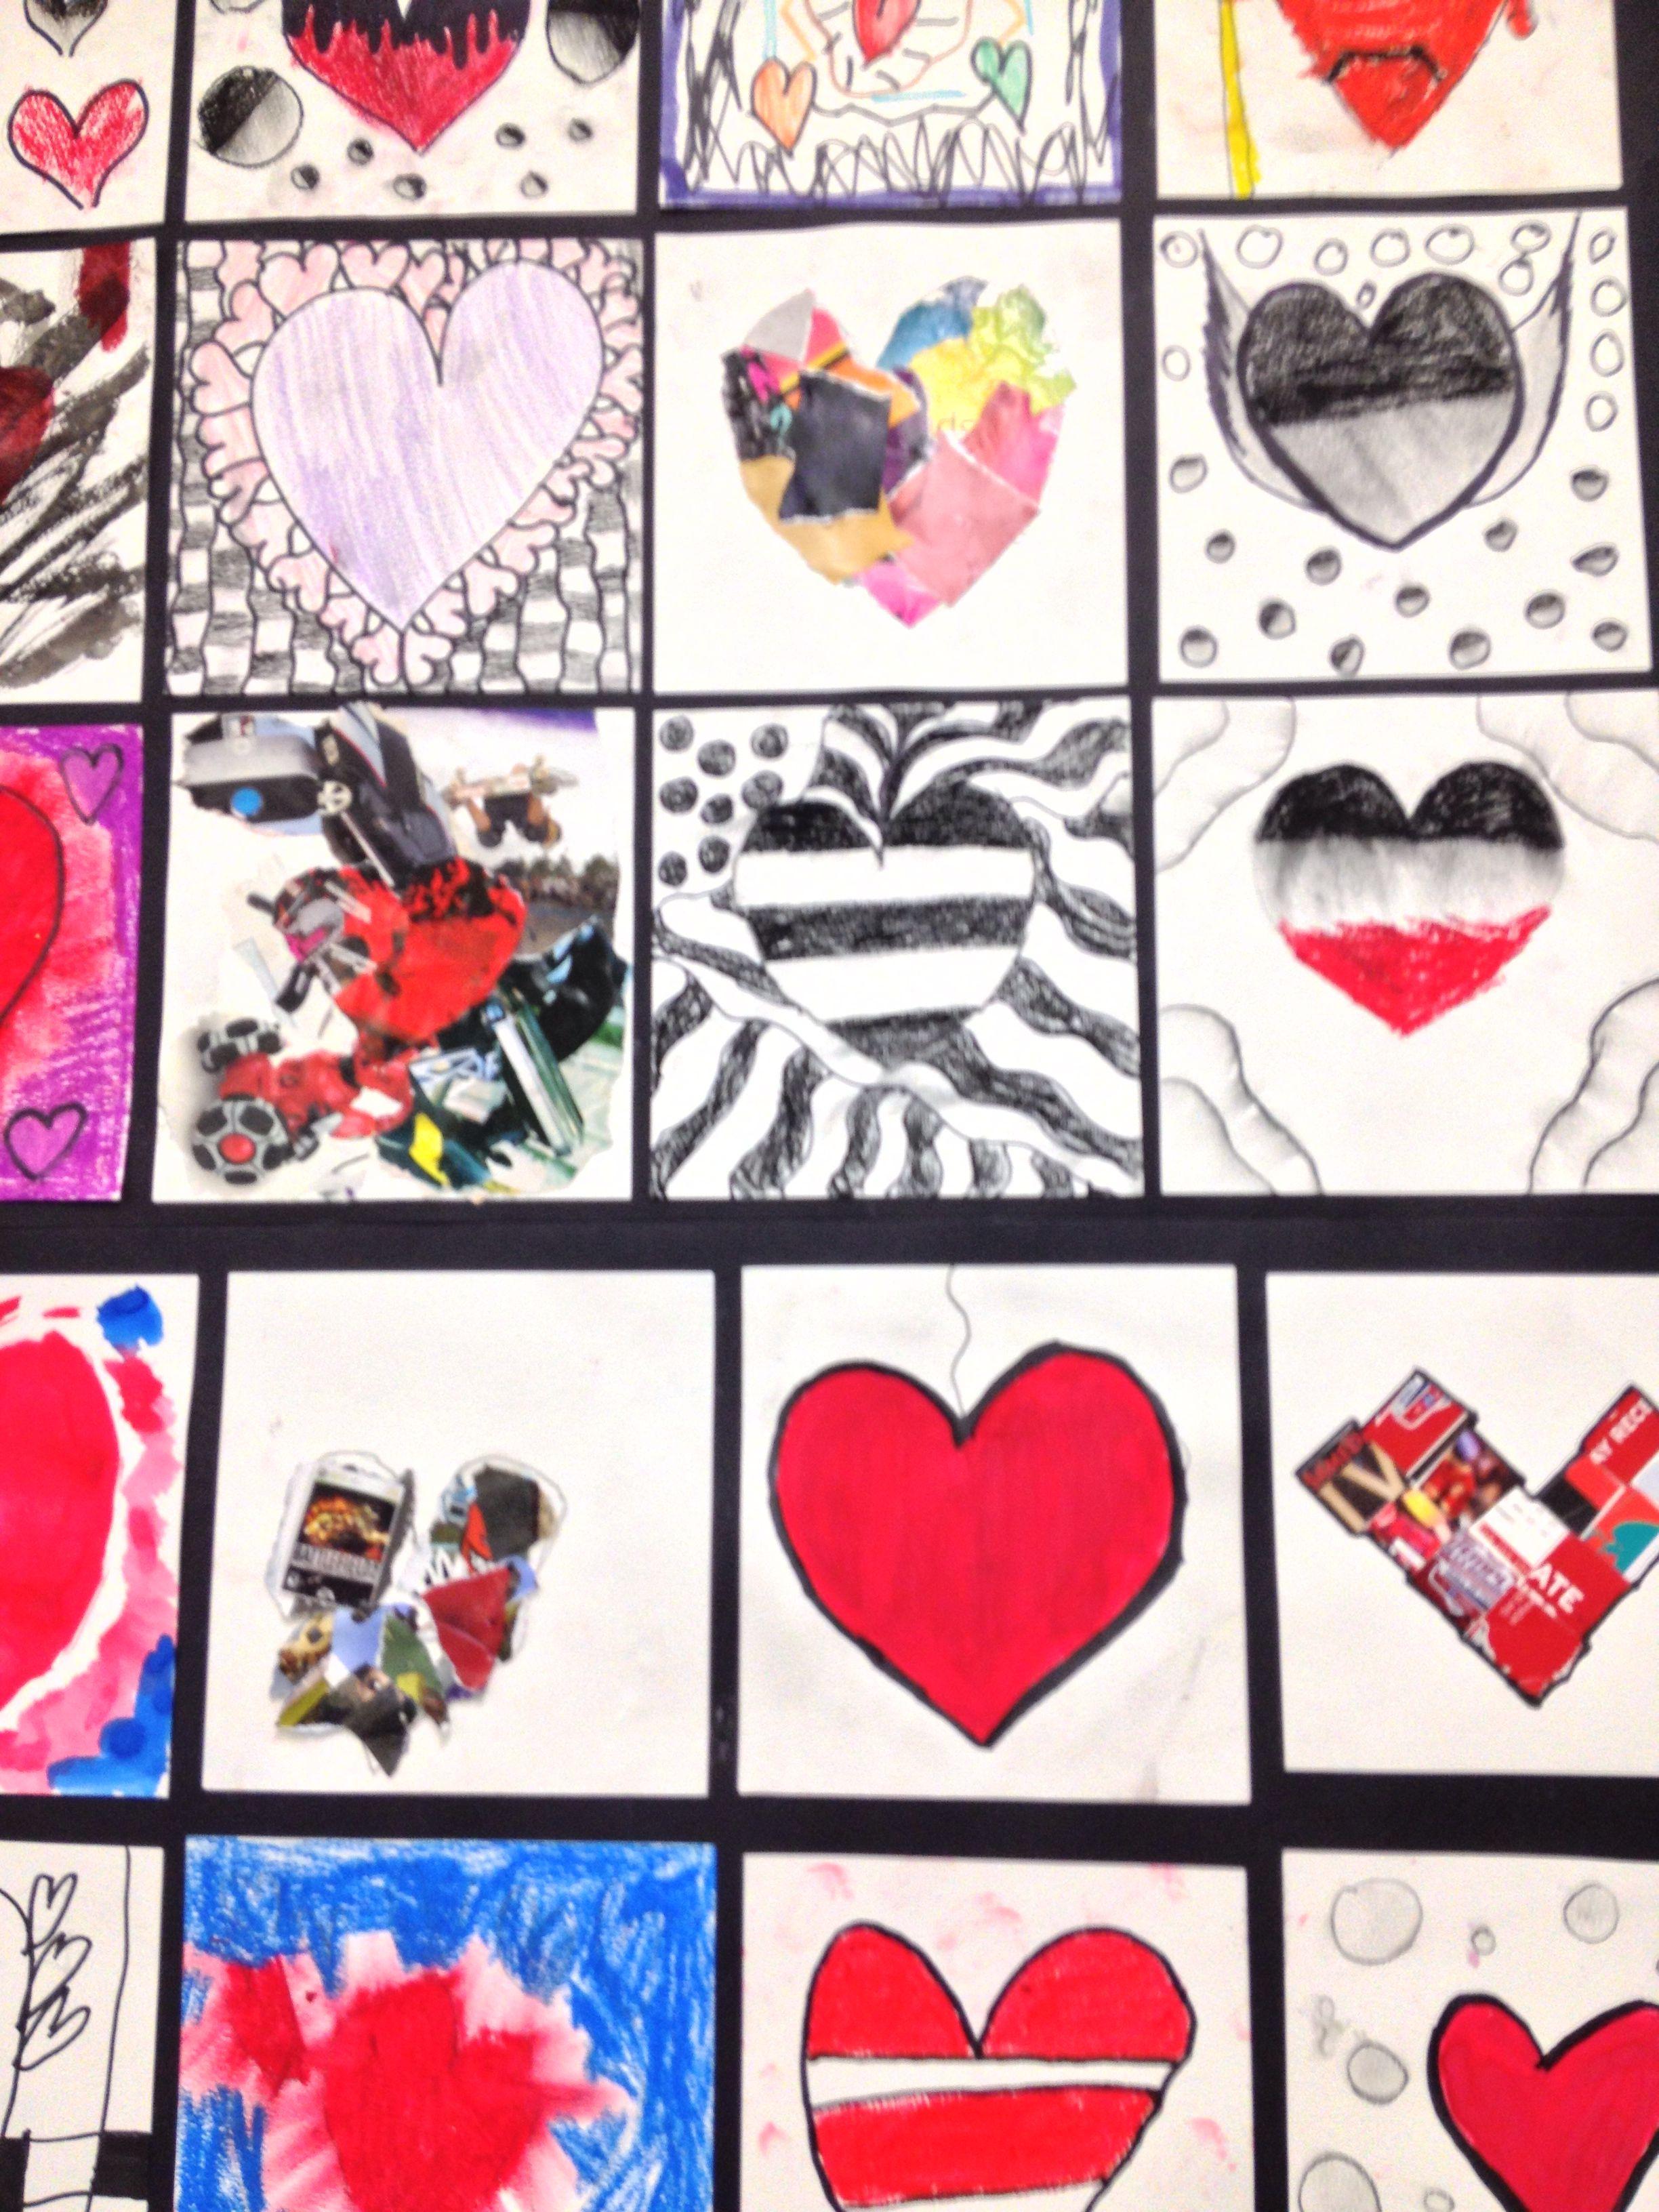 Mosaïque De Cœurs Crayon Bois Feutrepeinture à Leau Collage - Peinture al eau sur bois